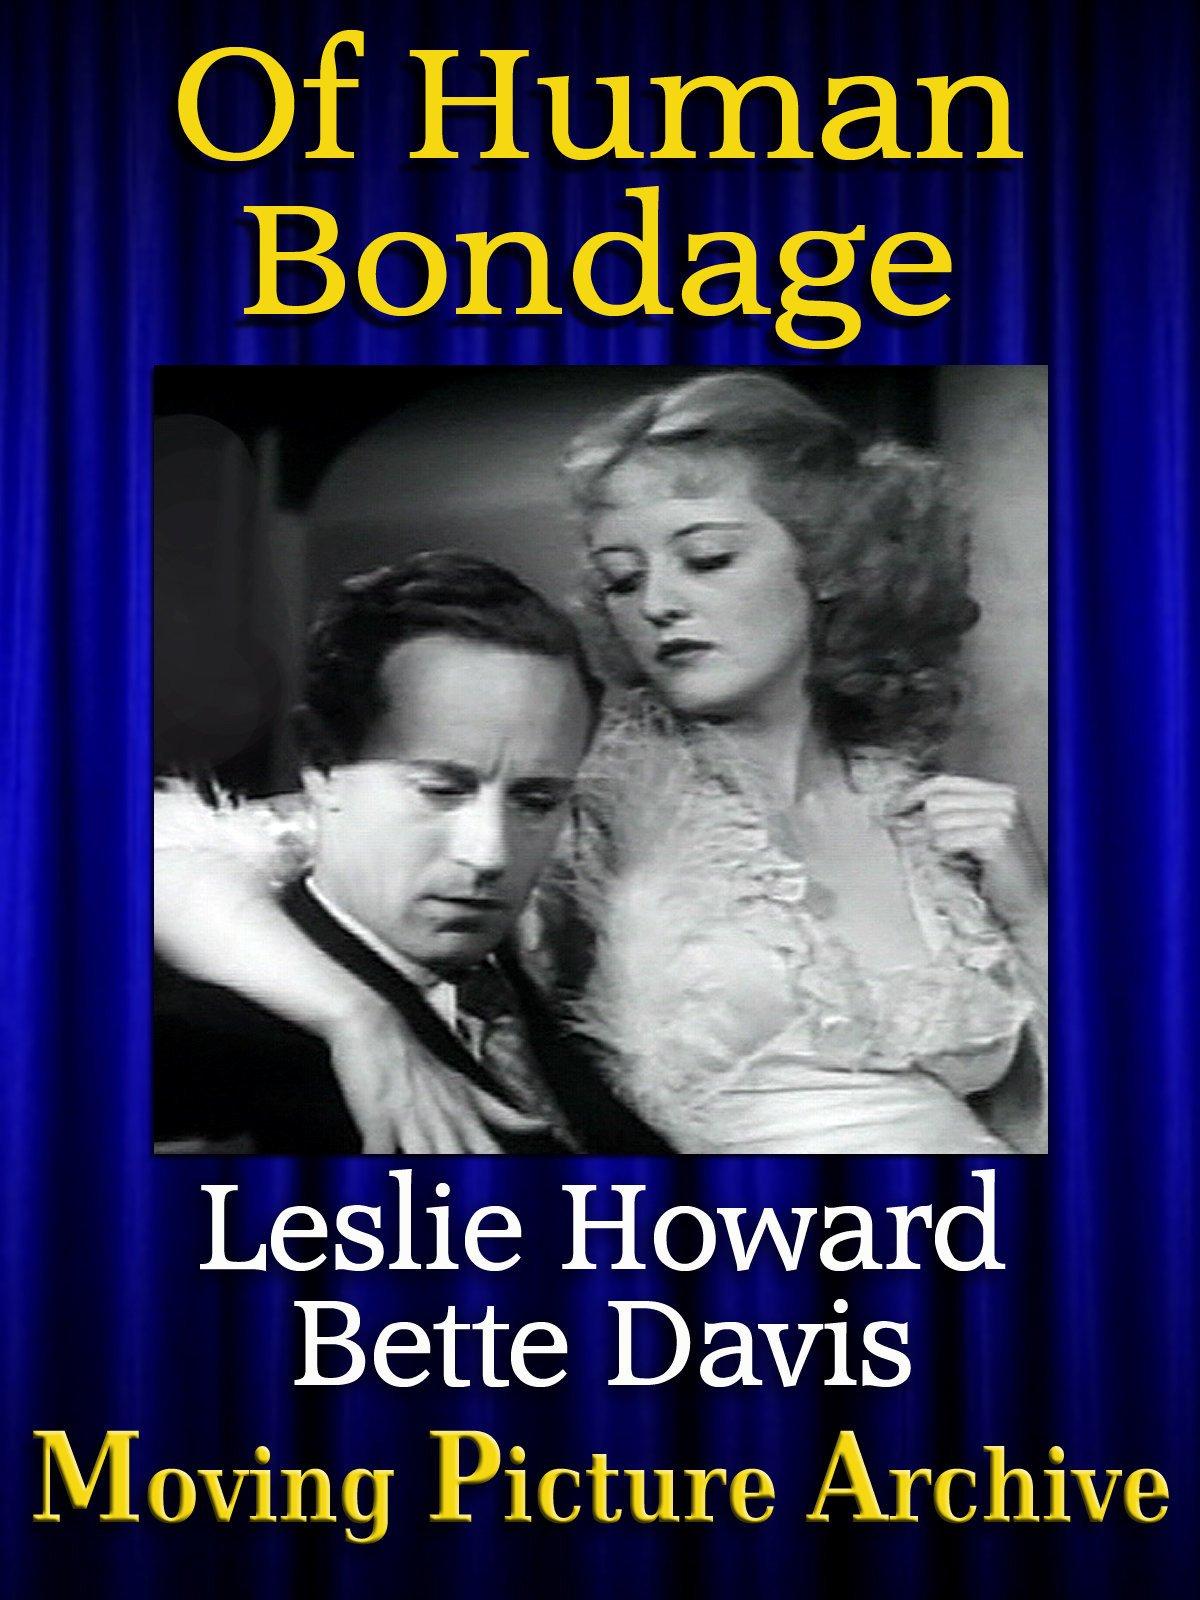 Of Human Bondage - 1934